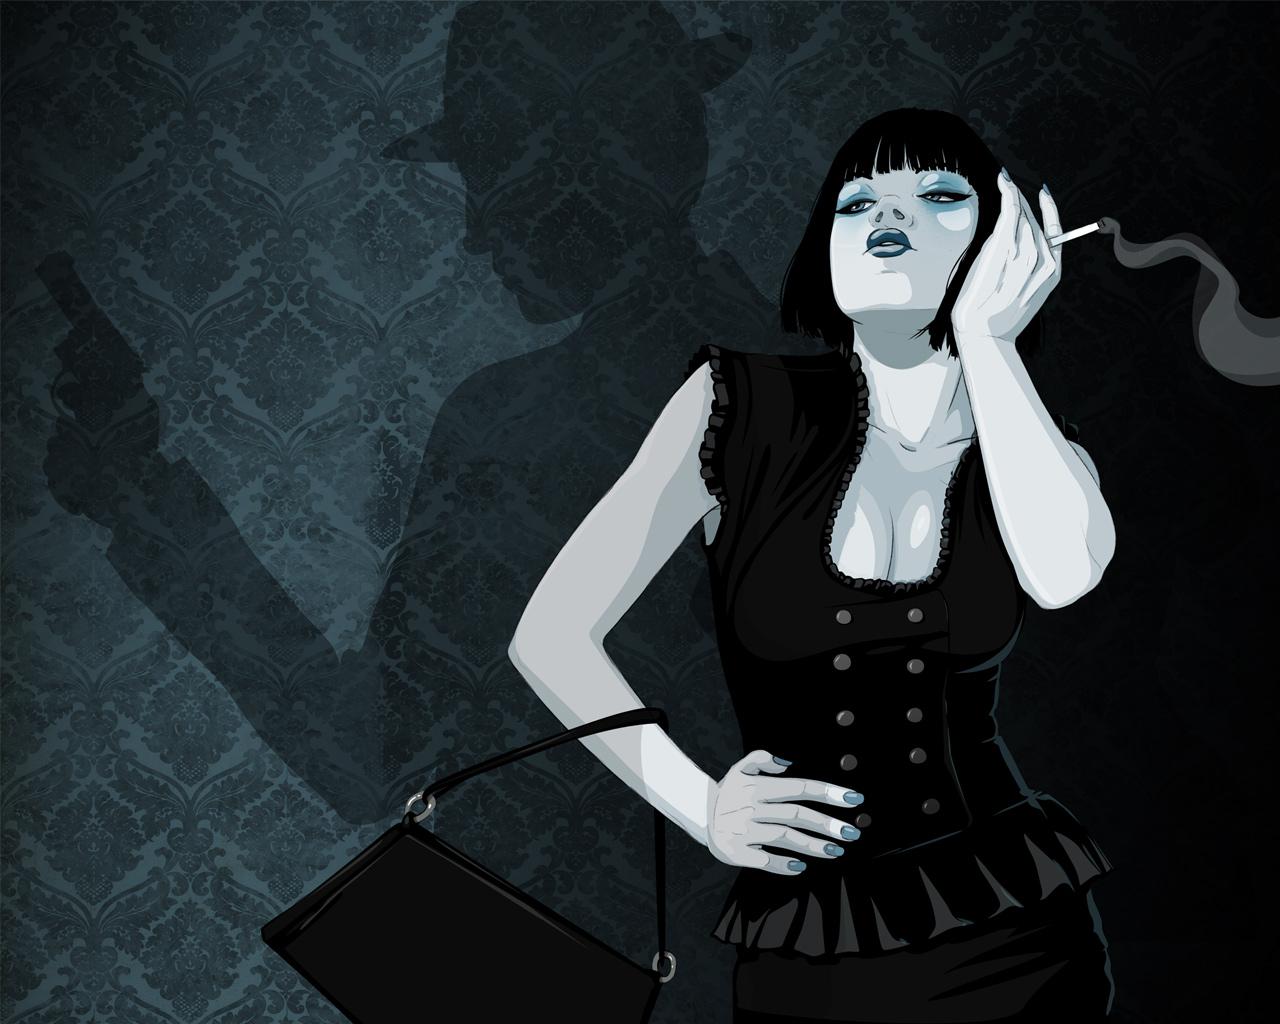 Femme Fatale Desktop by stuntkid